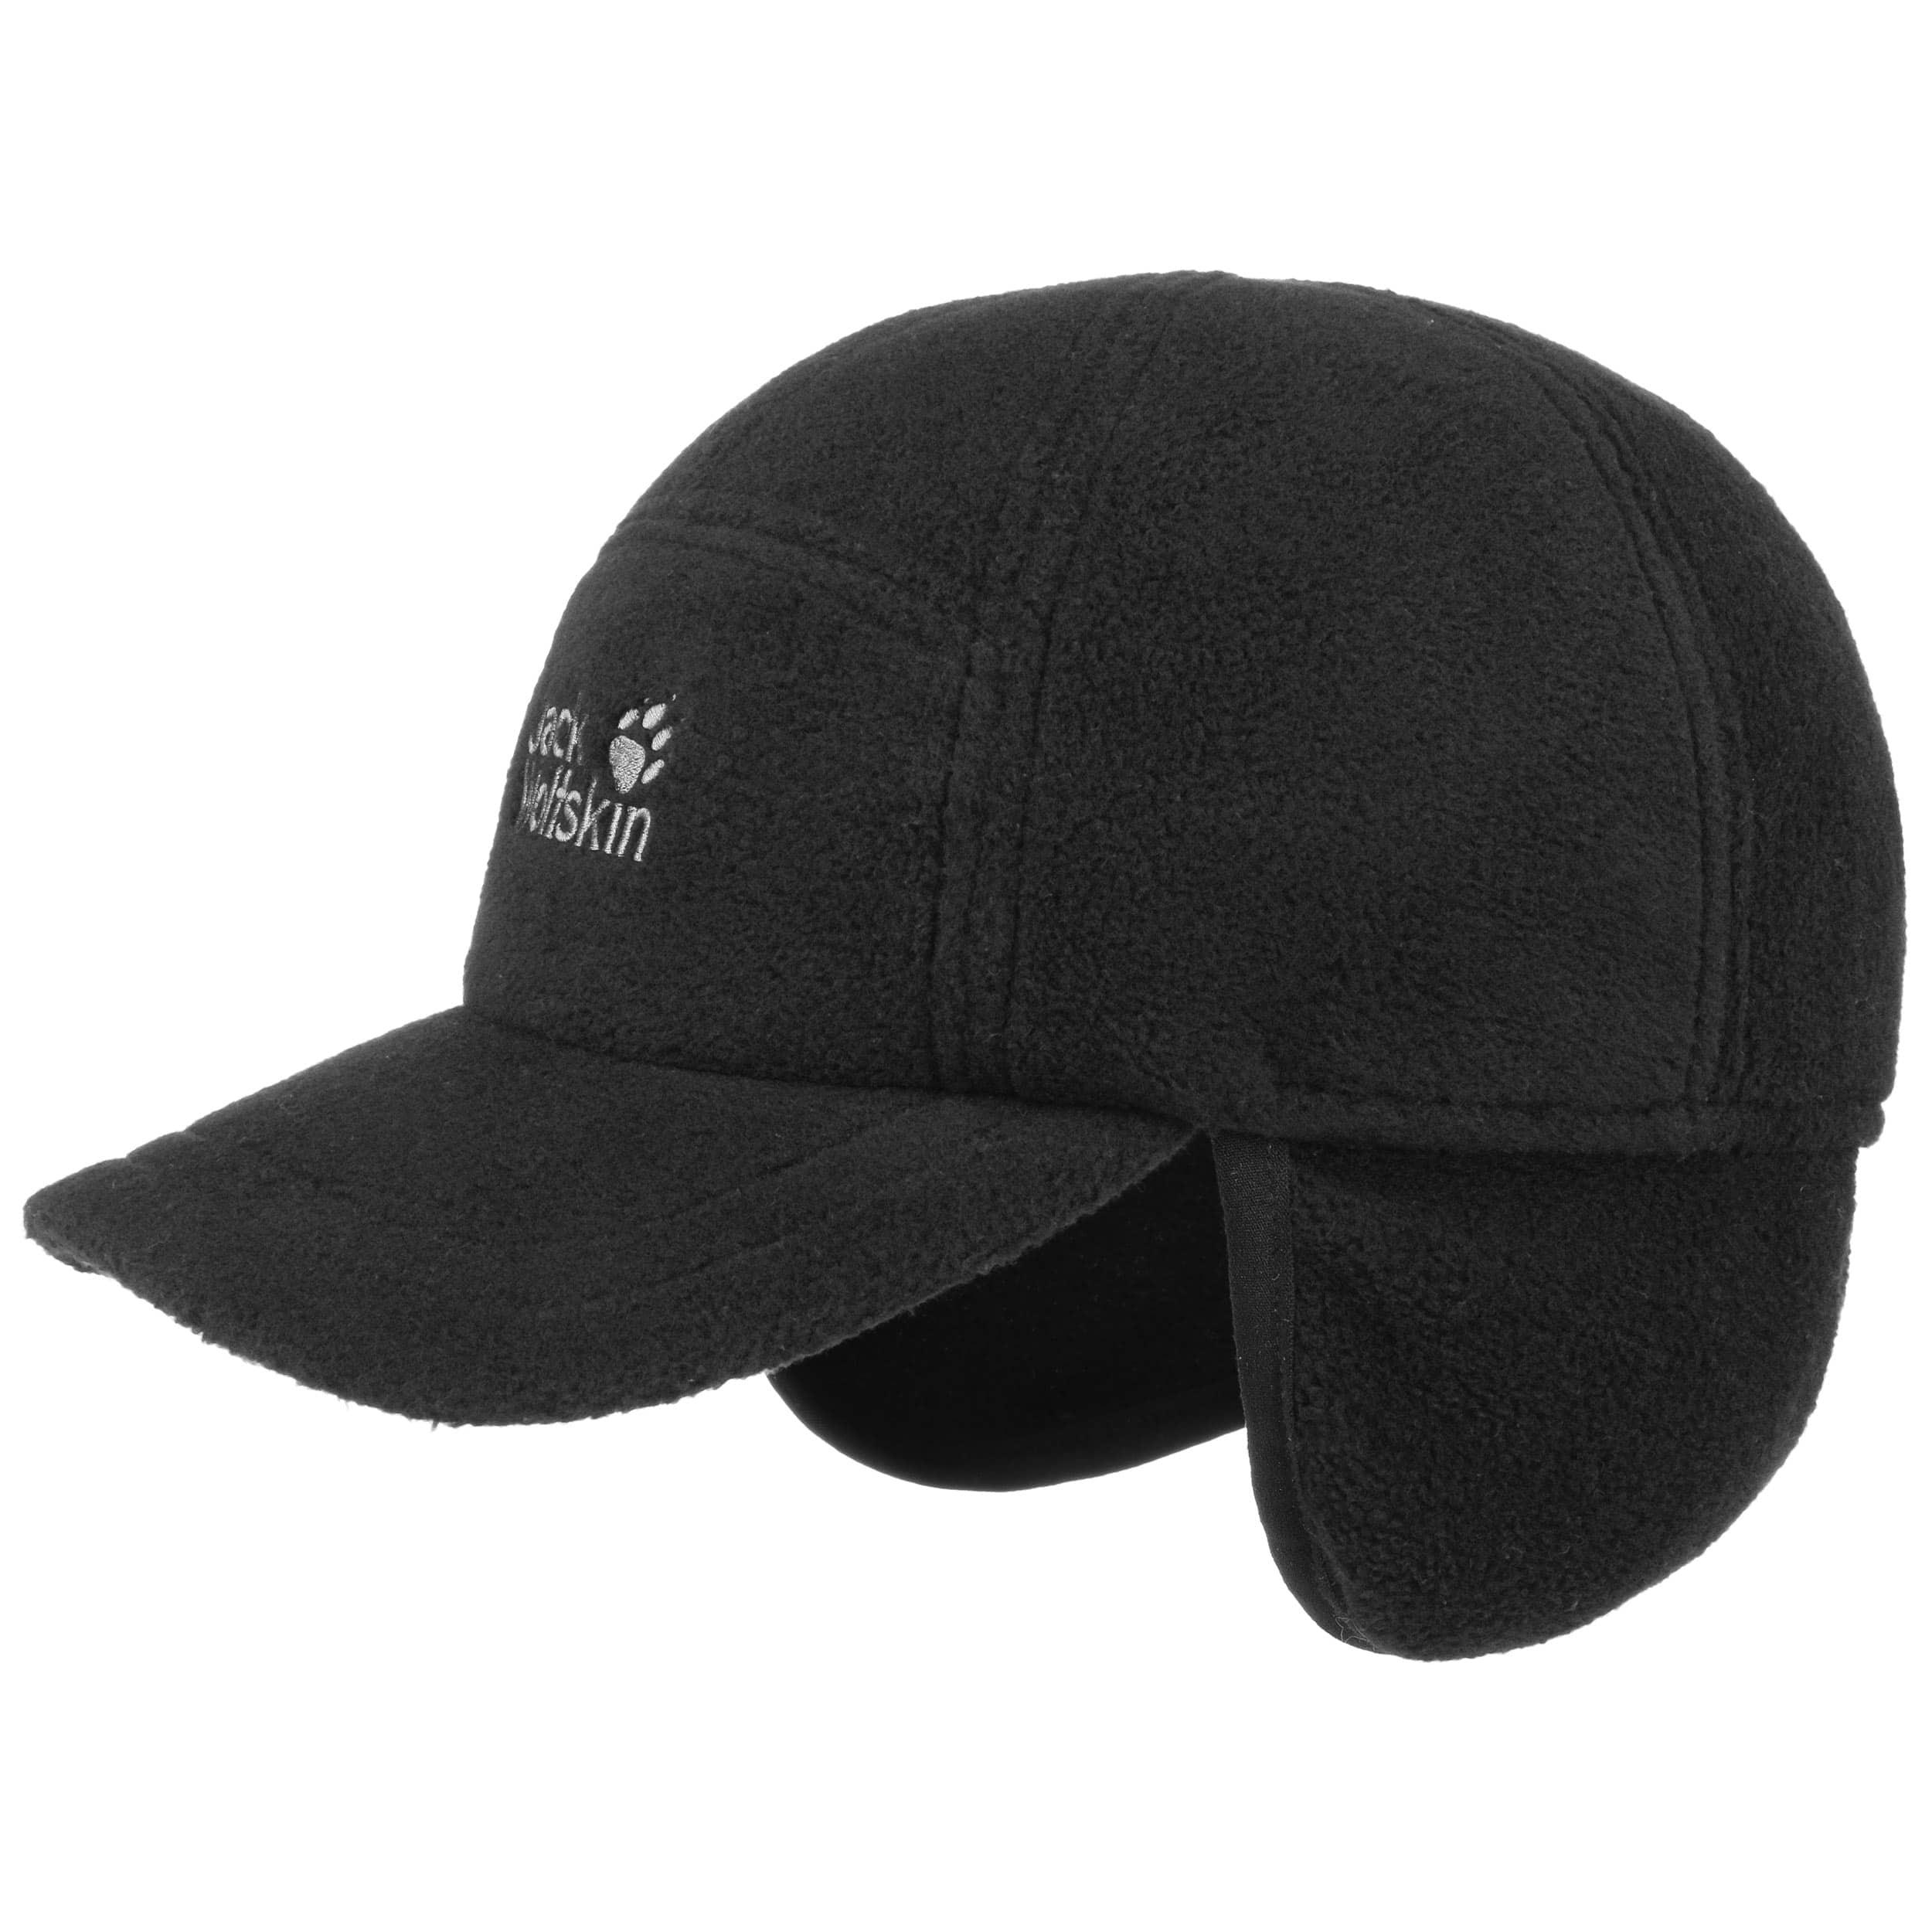 8b458254b0a ... Fleece Cap with Ear Flaps by Jack Wolfskin - black 4